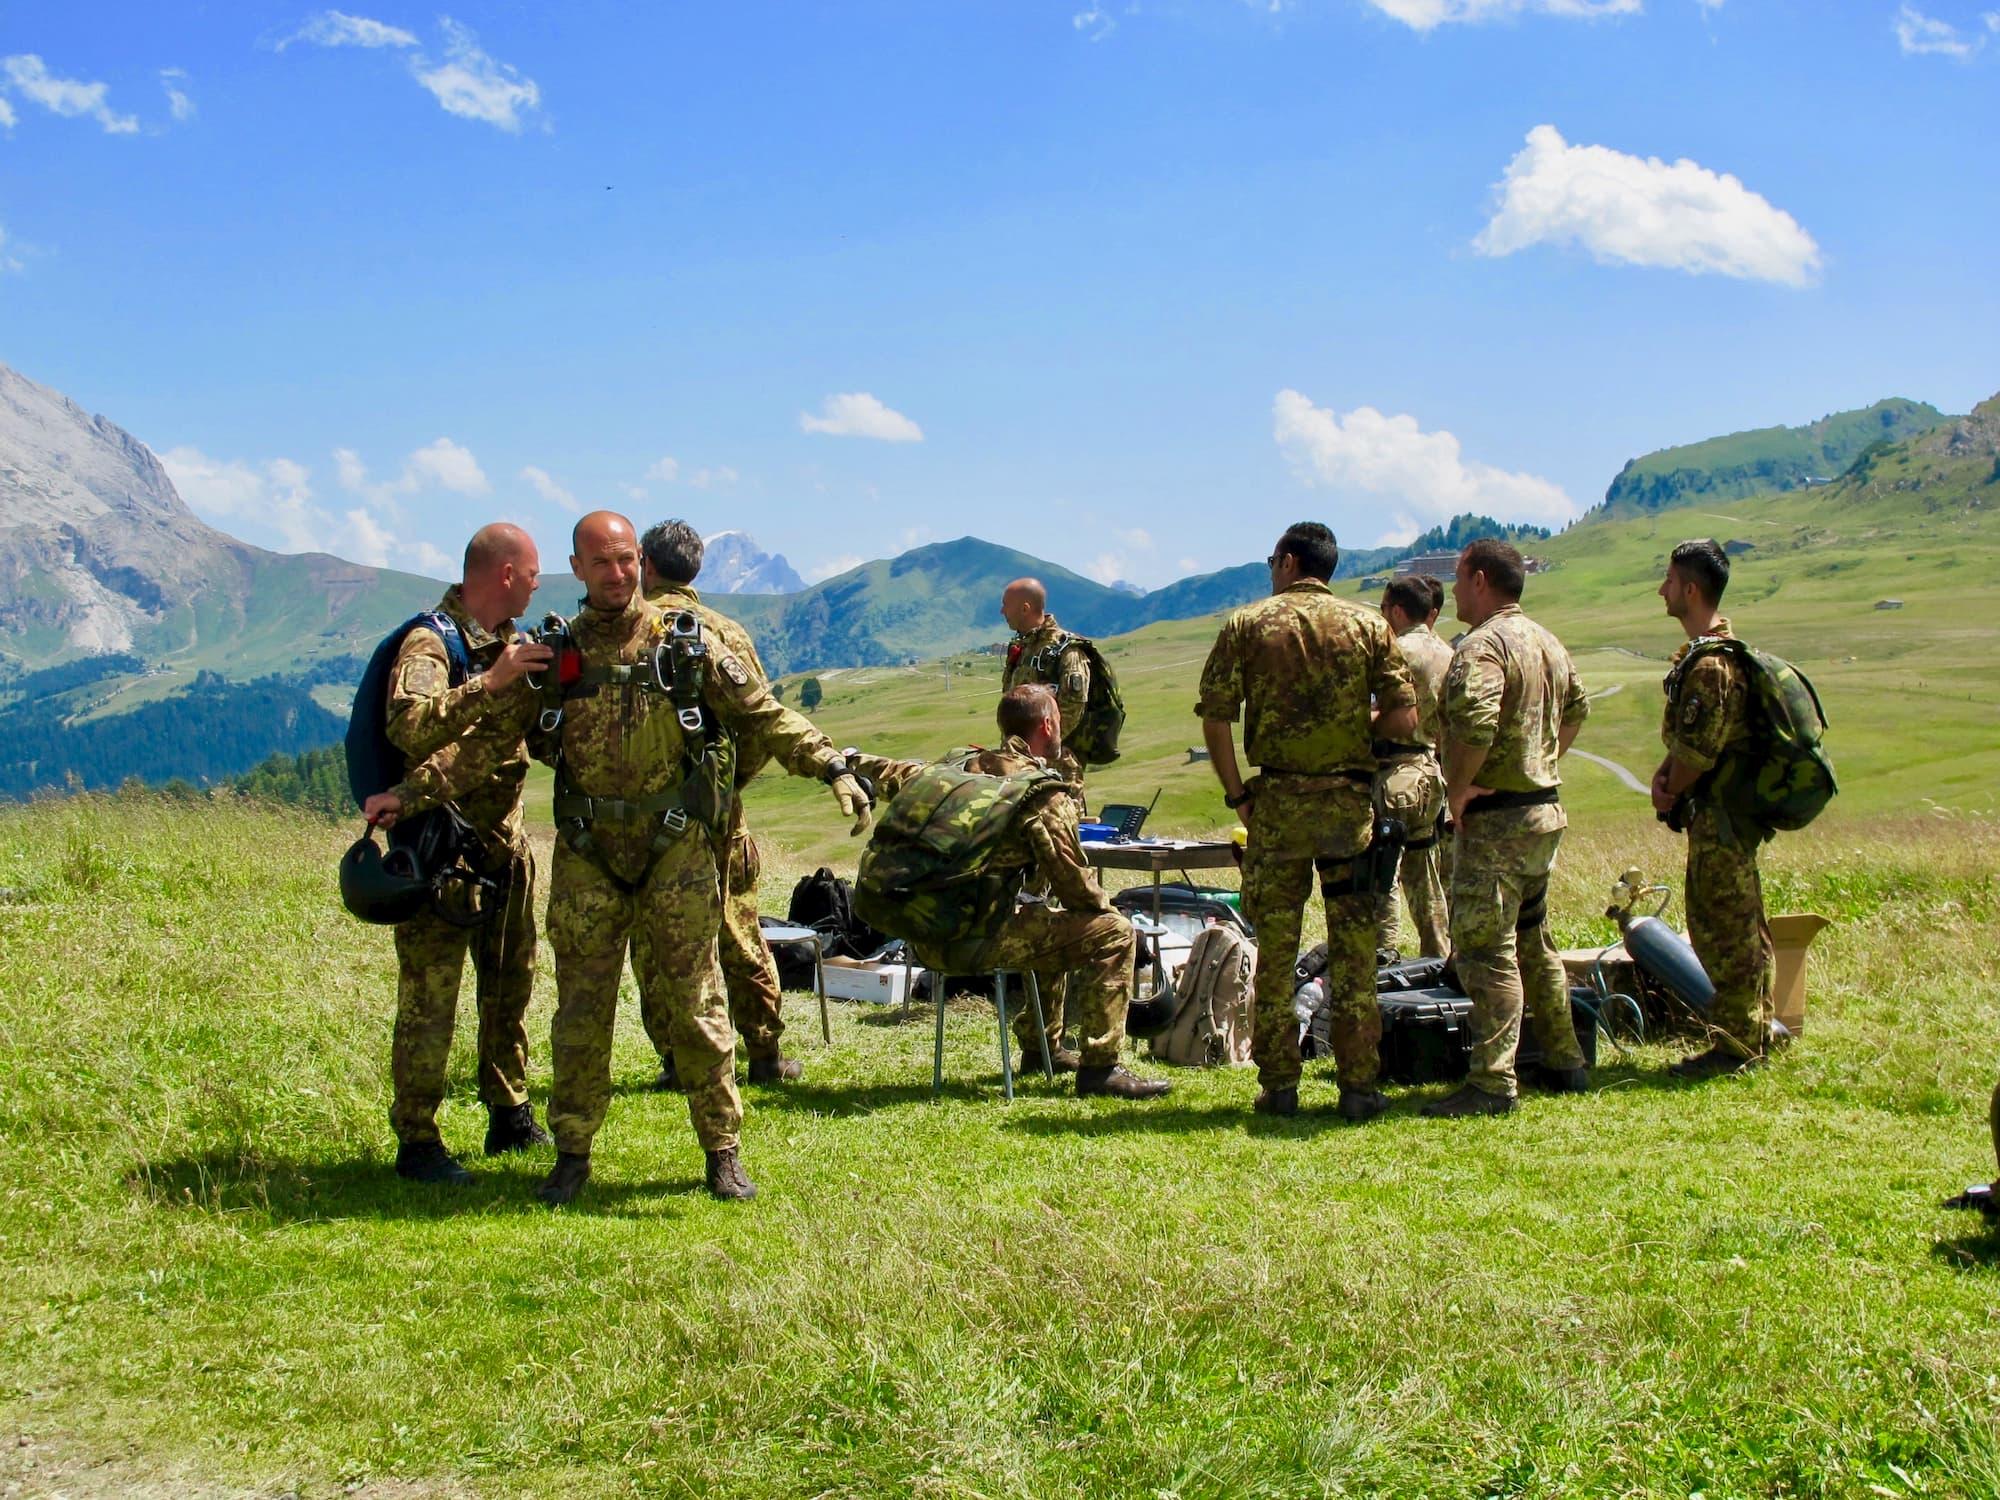 ドロミテのシウジ高原でパラシュートの落下訓練をするイタリア軍